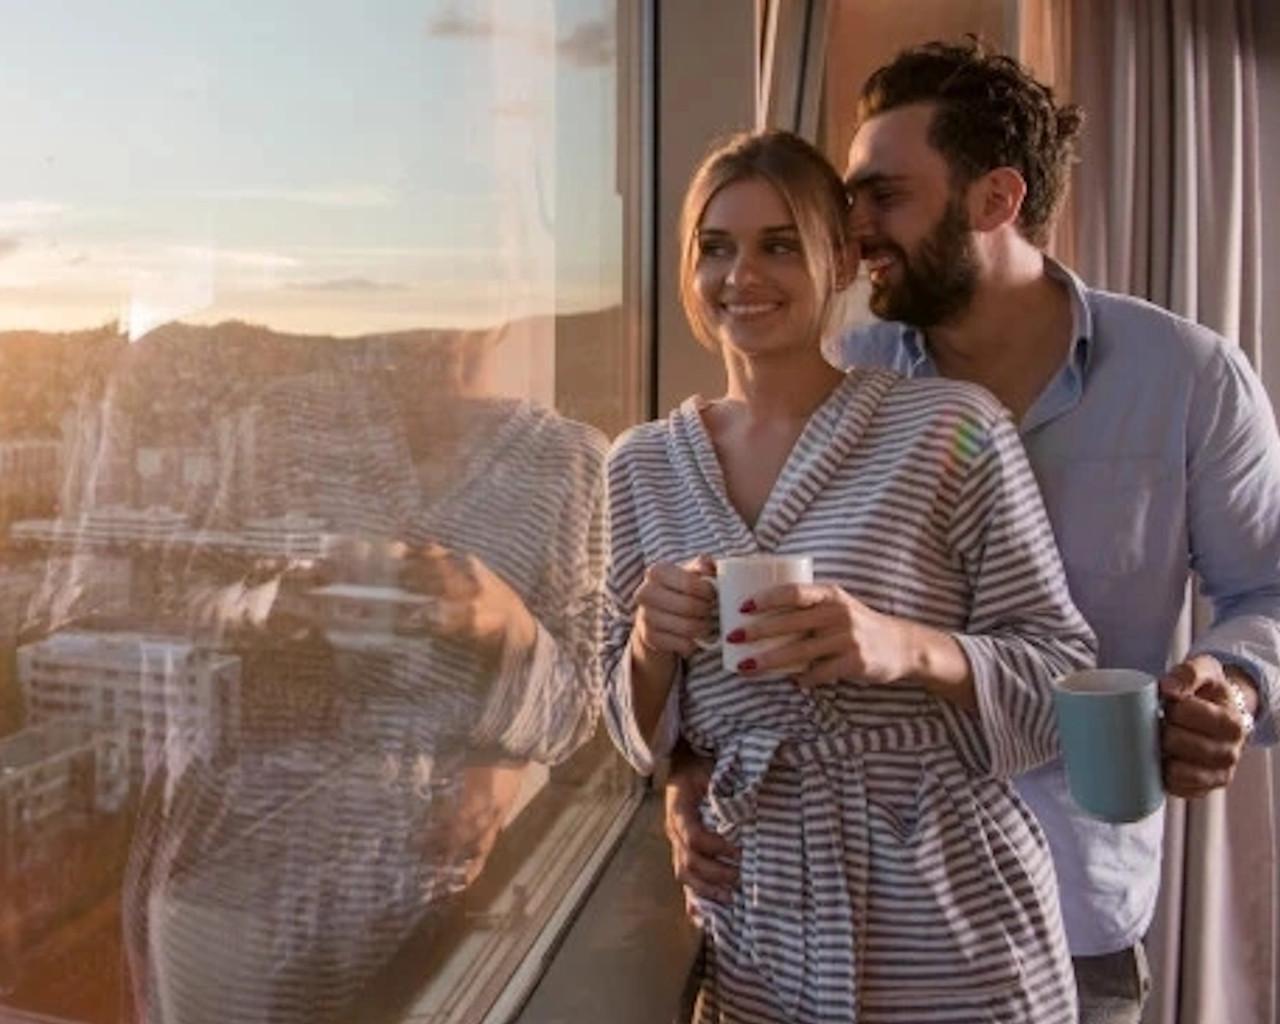 Θες μακροχρόνια σχέση και να βρεις το έτερον ήμισυ σου; Τα 10 tips για το πετύχεις ΤΩΡΑ!